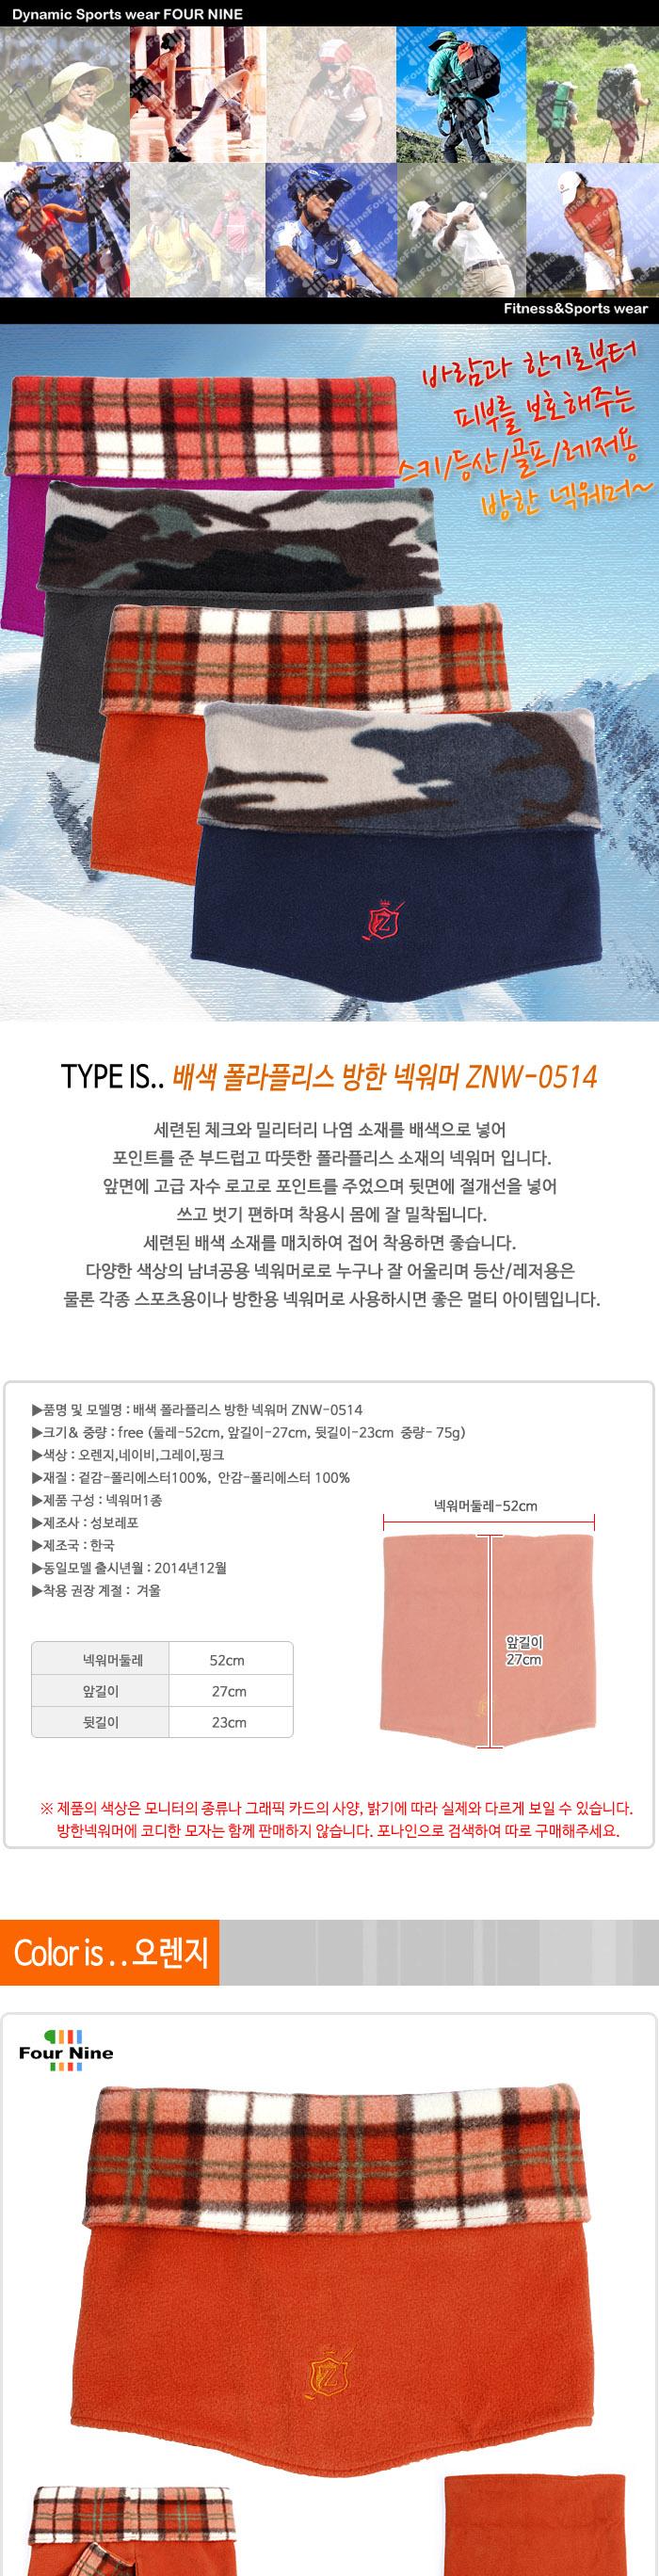 ZNW-0514-1.jpg